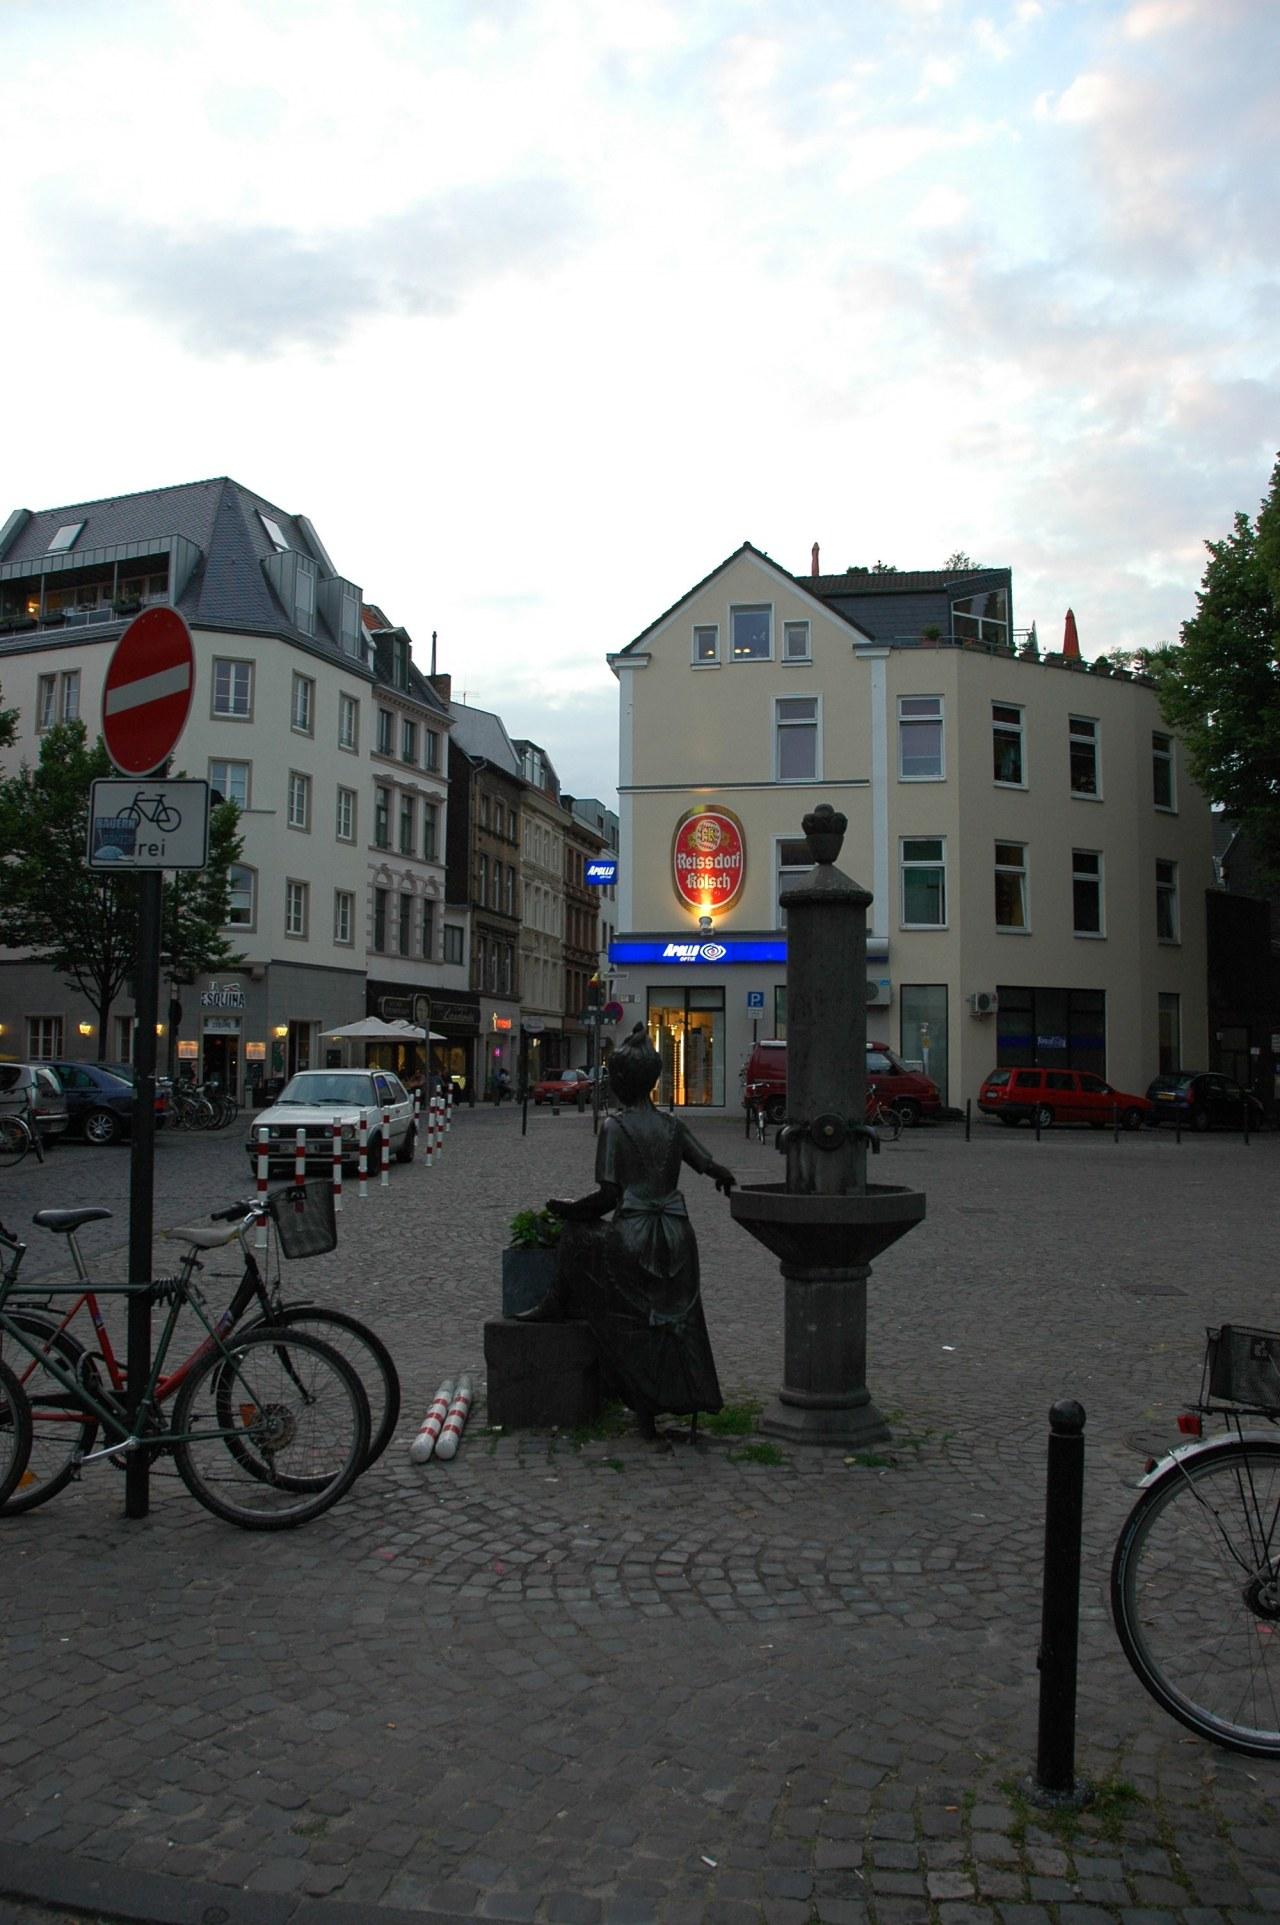 Köln 5 Uhr 30 / 13 Uhr 30 / 21 Uhr 30 - Bild 5